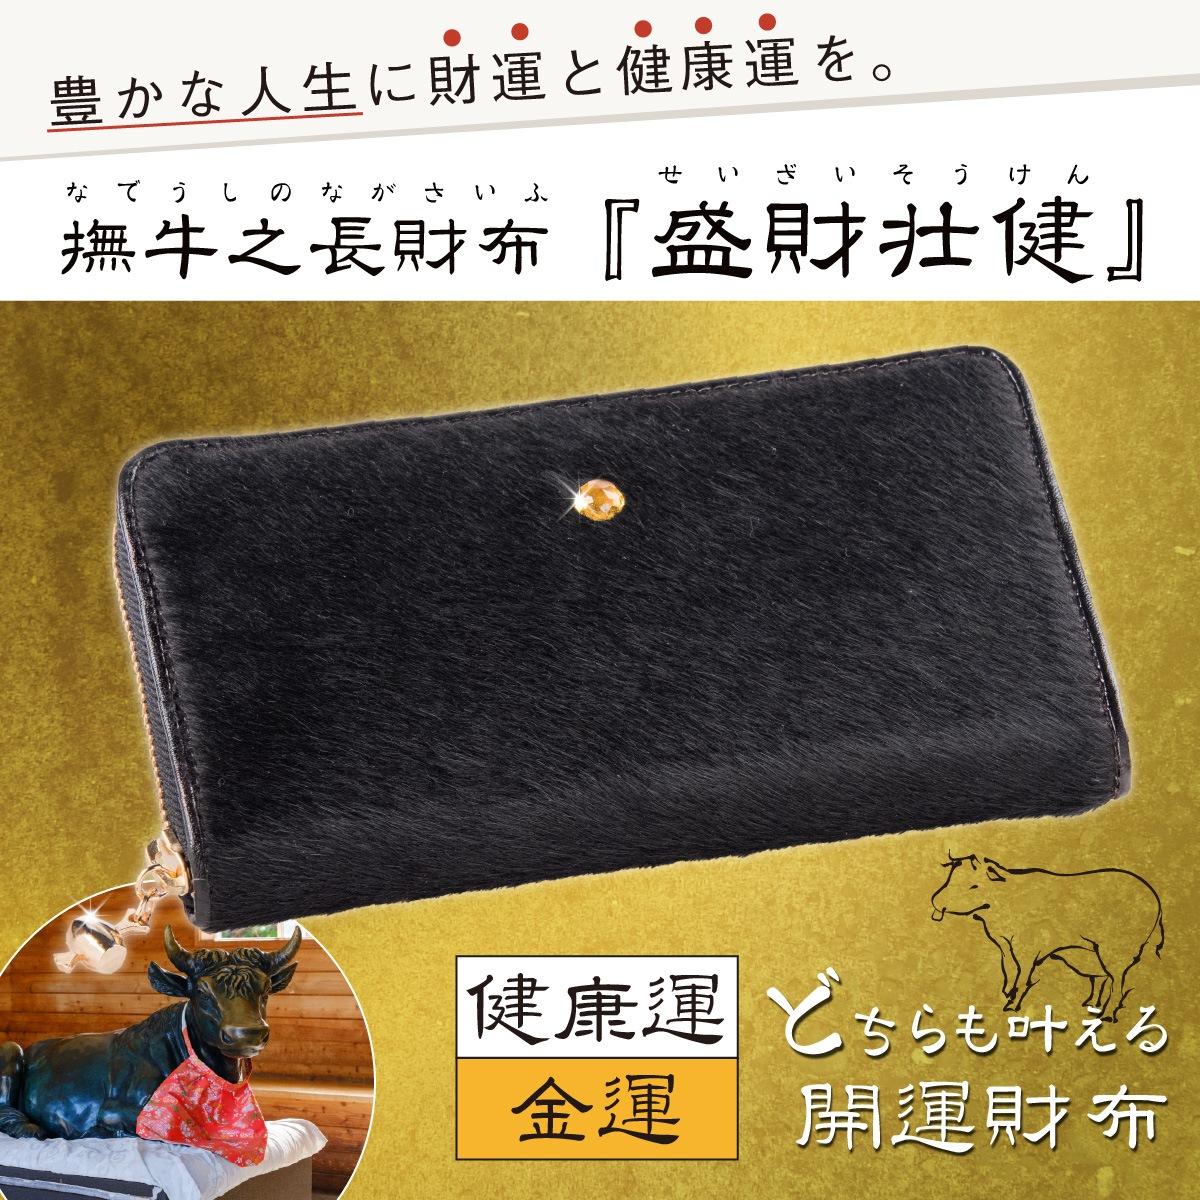 撫牛之長財布『盛財壮健』